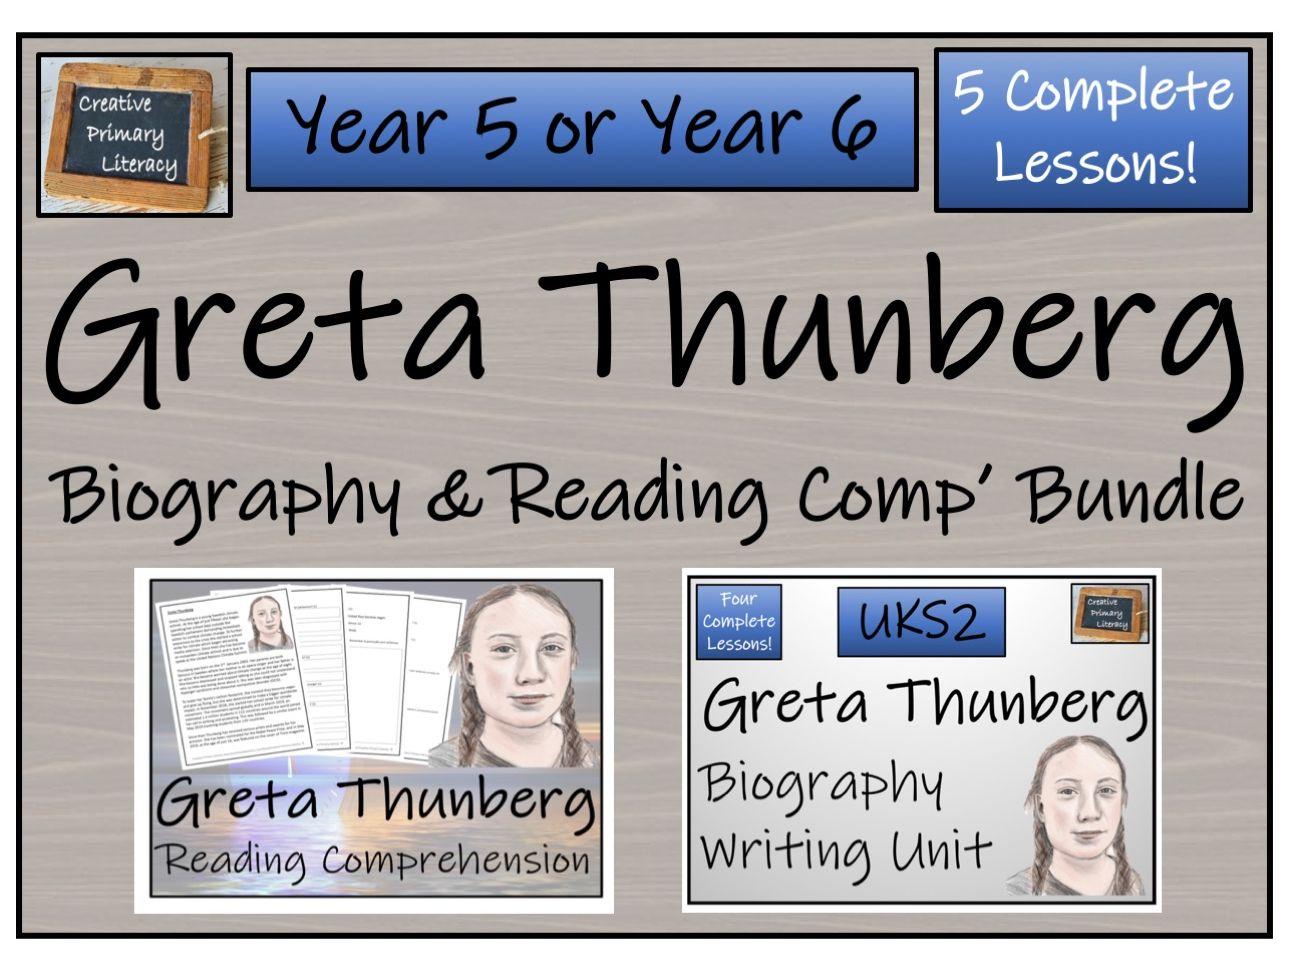 UKS2 Literacy - Greta Thunberg Reading Comprehension & Biography Bundle